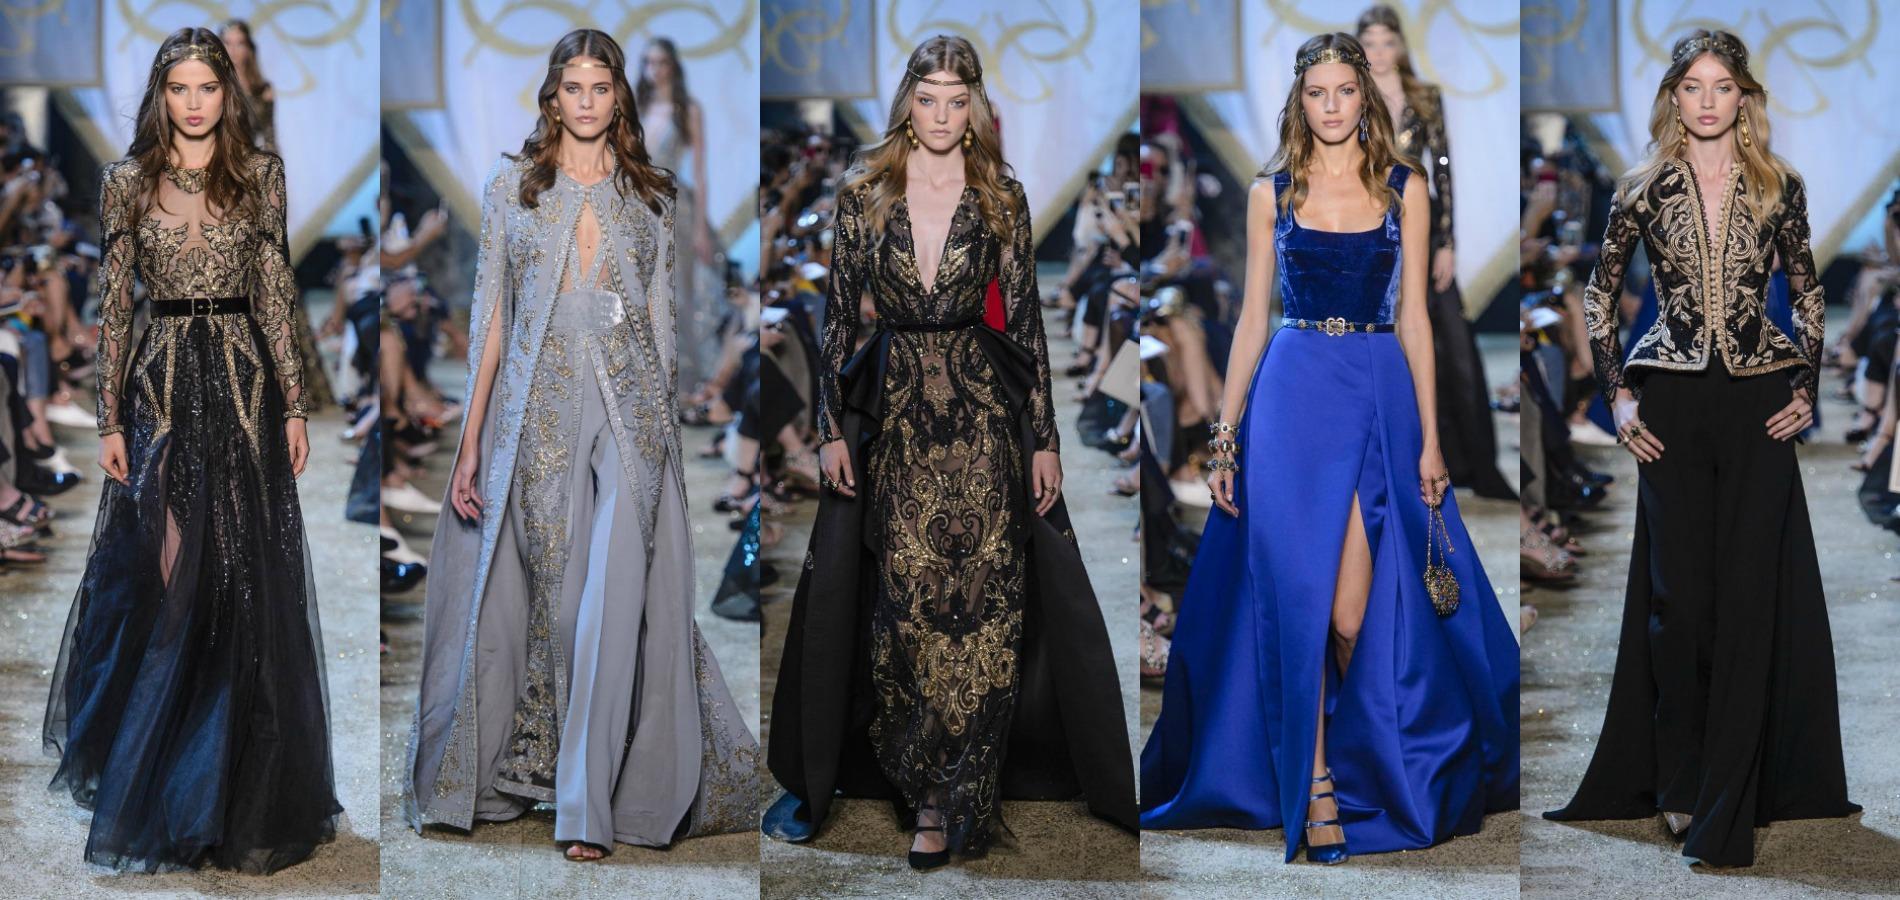 84dc05f6166cef Défilé Elie Saab, Fashion week haute couture Automne-hiver 2017-2018 de  Paris.